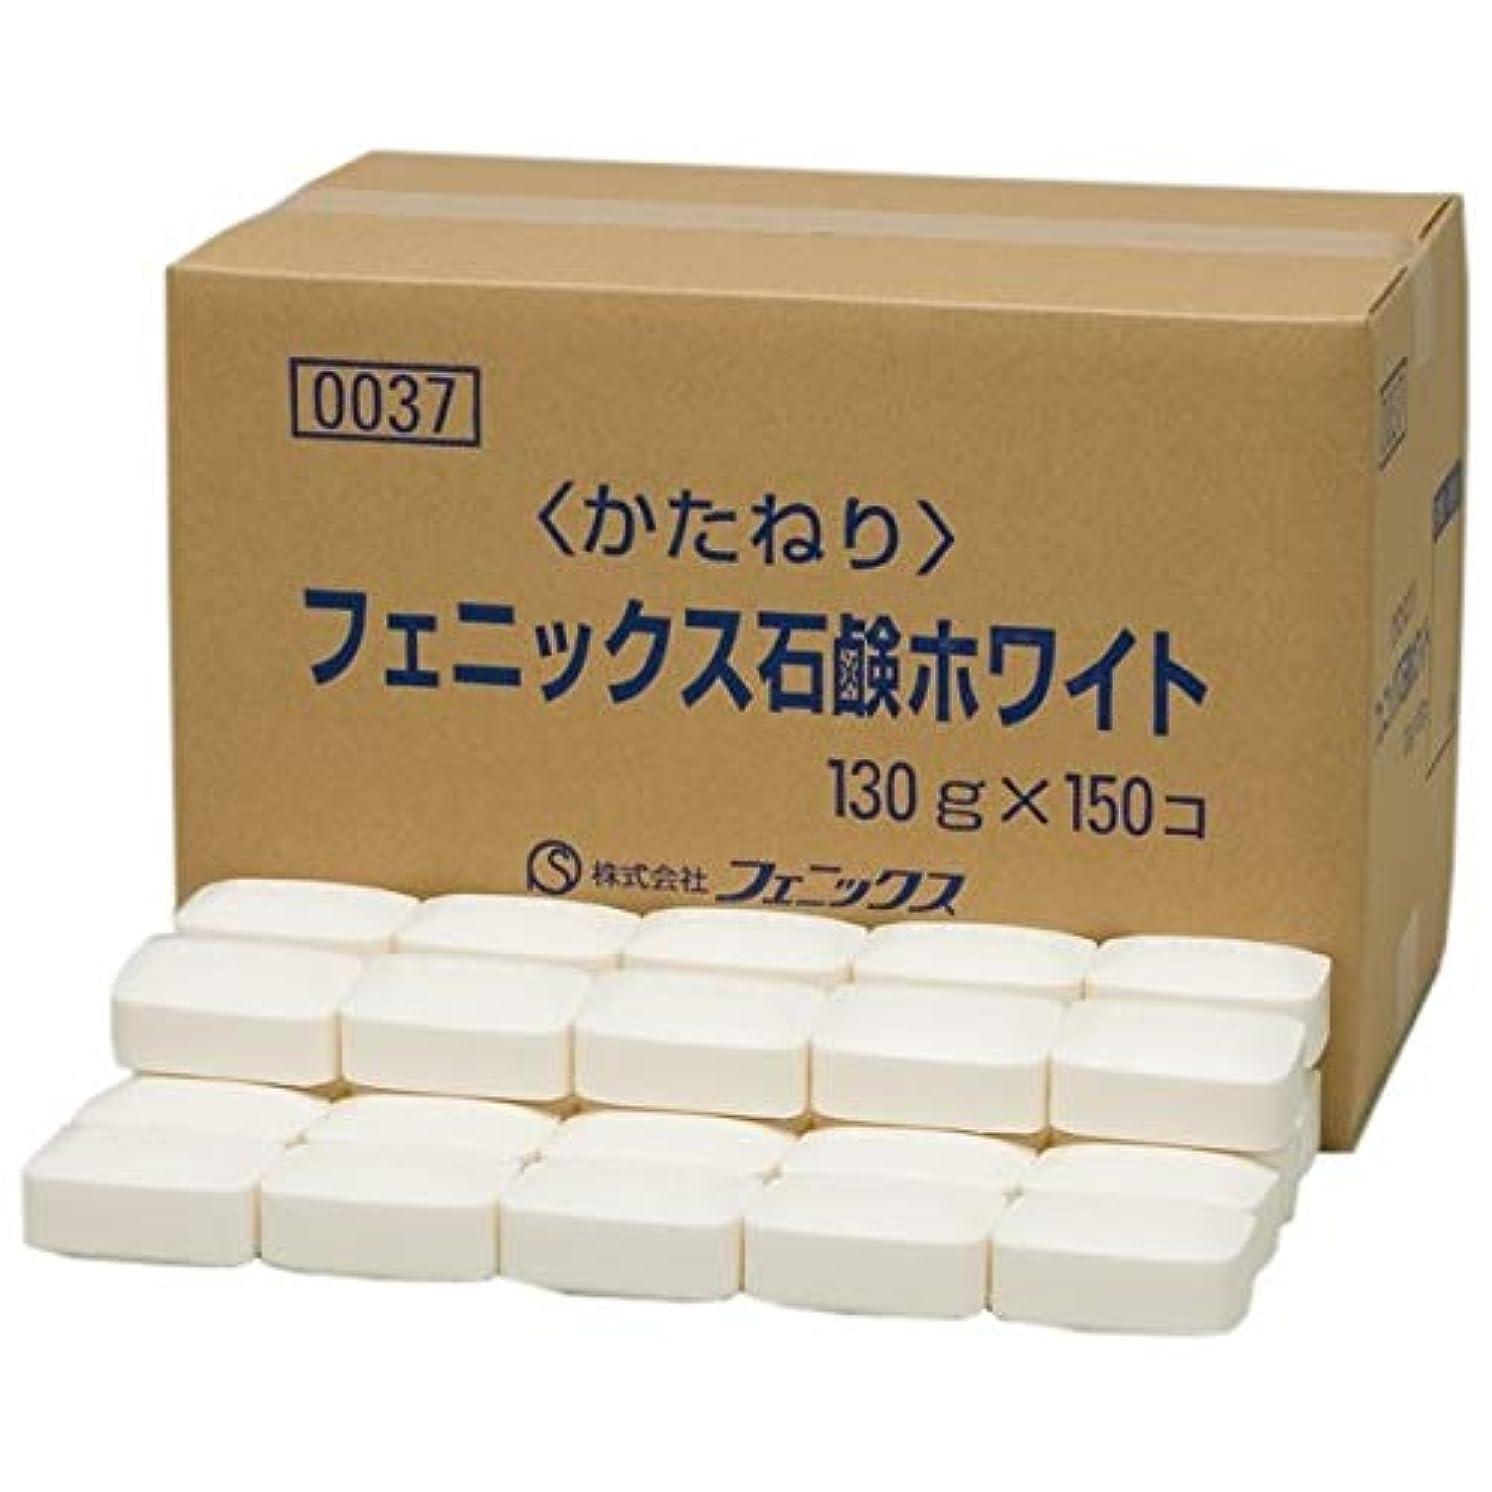 ネックレス買収分数フェニックスホワイト石鹸 130g×150個入